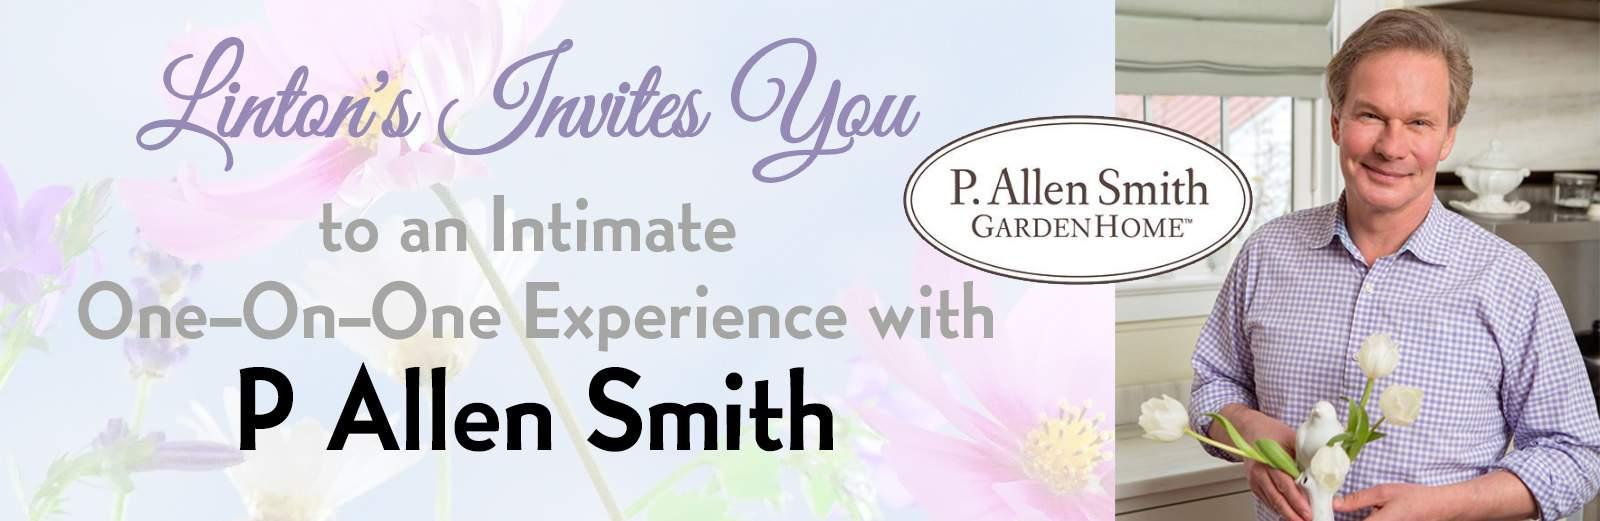 P. Allen Smith